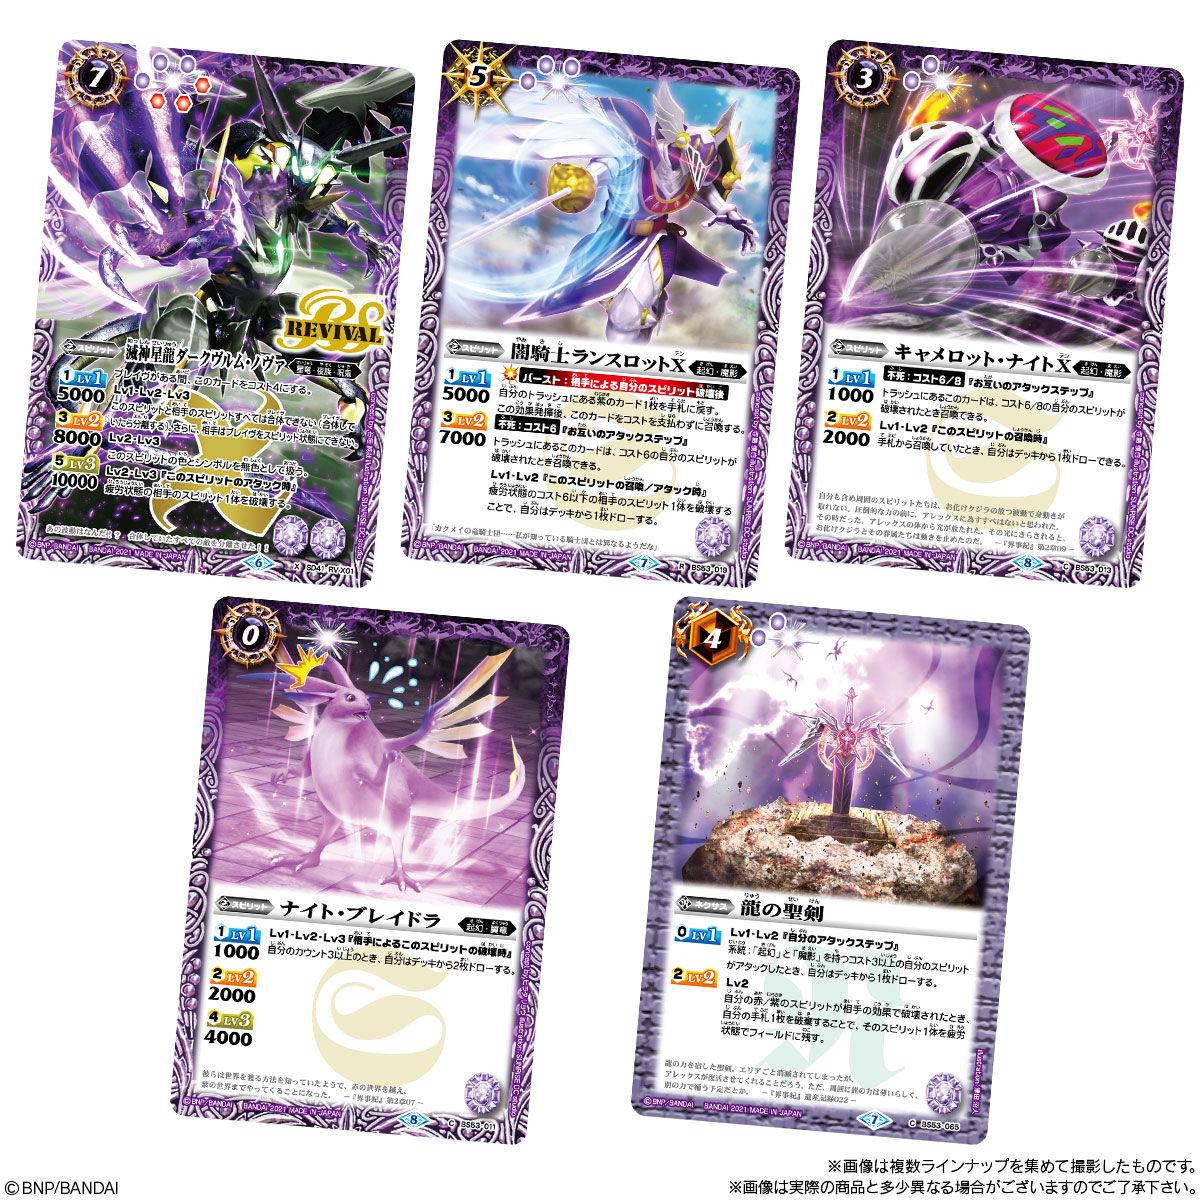 【食玩】バトルスピリッツ『バトルスピリッツウエハース 紫翠の刃旋風』20個入りBOX-004